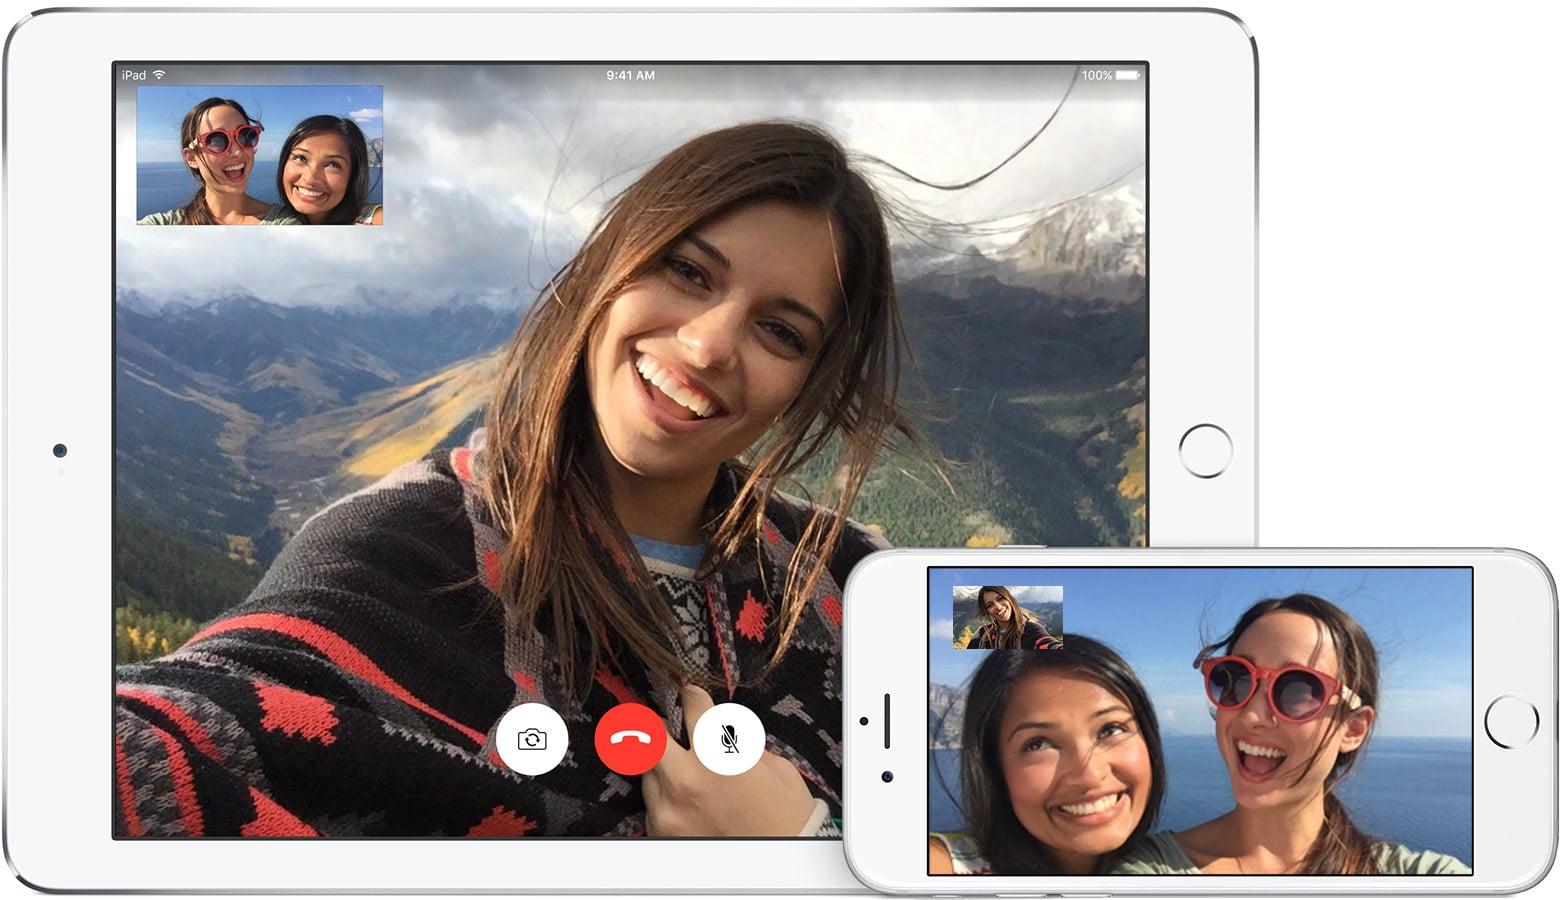 Apple maksab kohtuasjas 18 miljonit dollarit FaceTime'i rikkumise eest vanemal iPhone'il